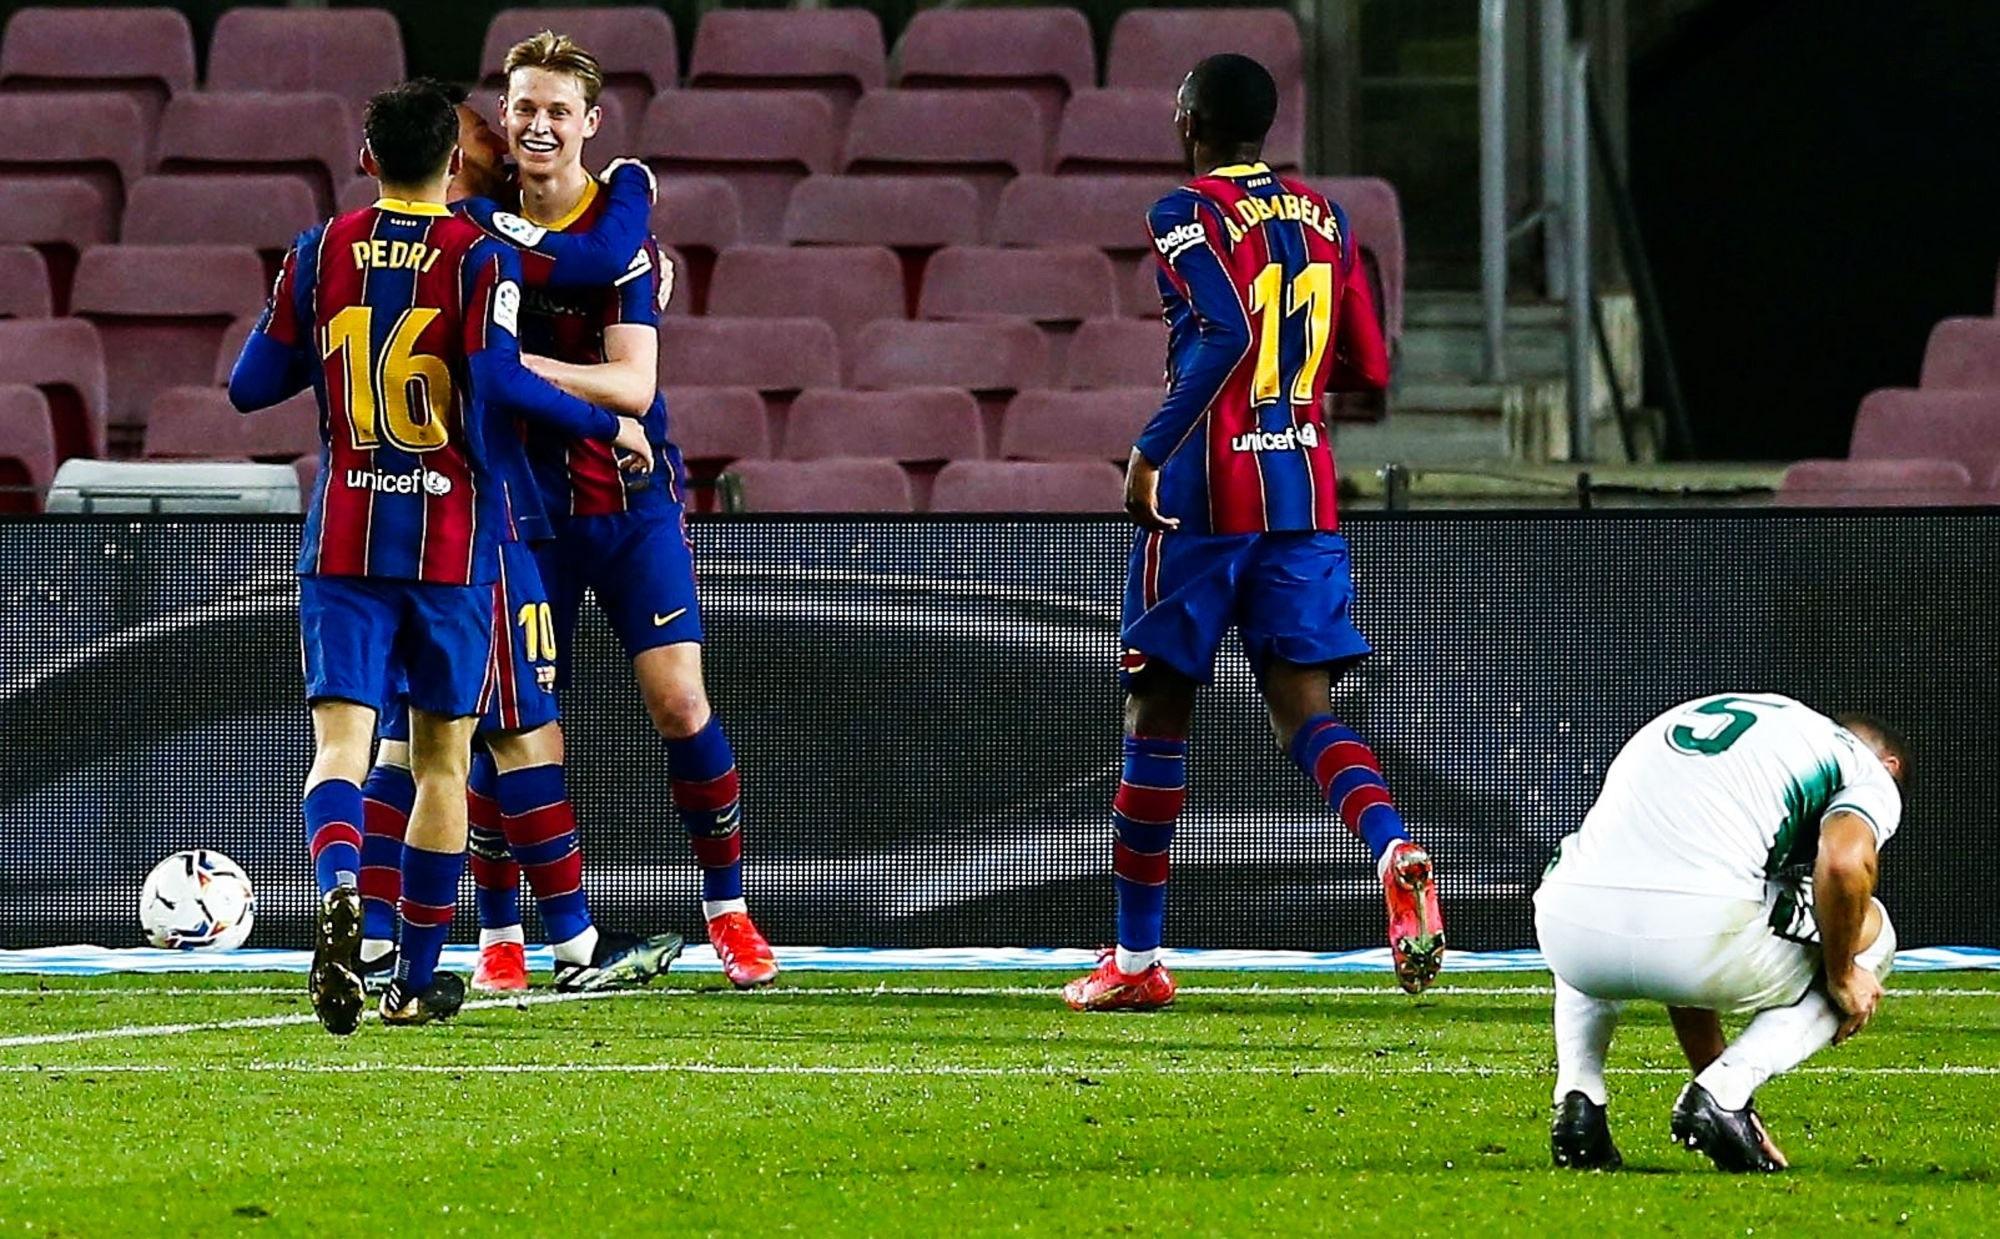 LDC - Le Barça se relance face à Elche avec un doublé de Messi